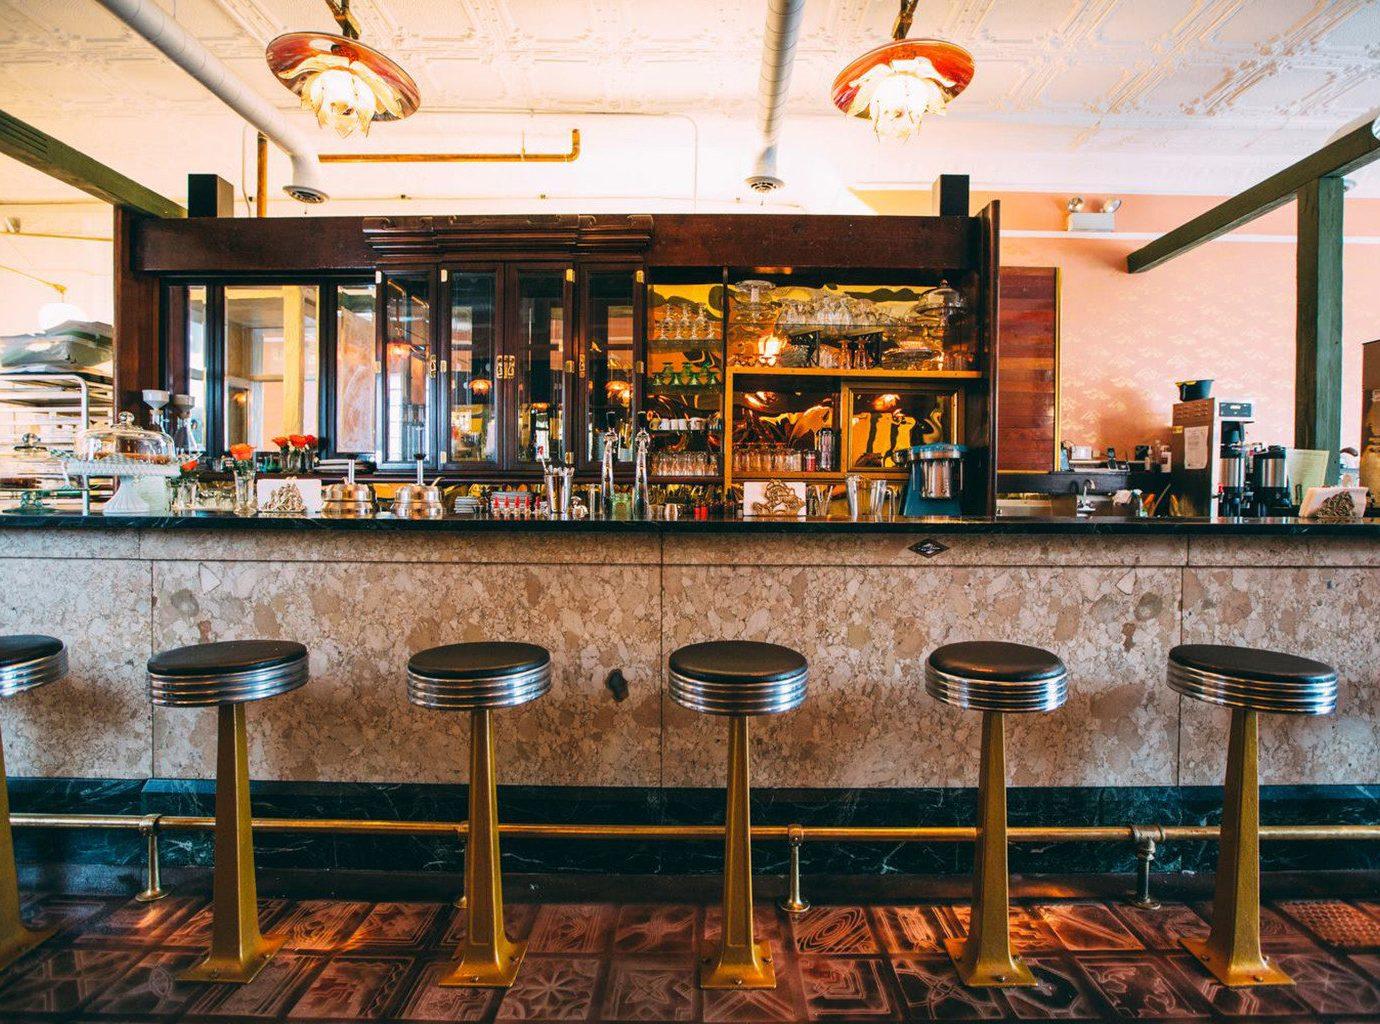 Girls Getaways Trip Ideas Weekend Getaways floor indoor restaurant building Bar estate interior design